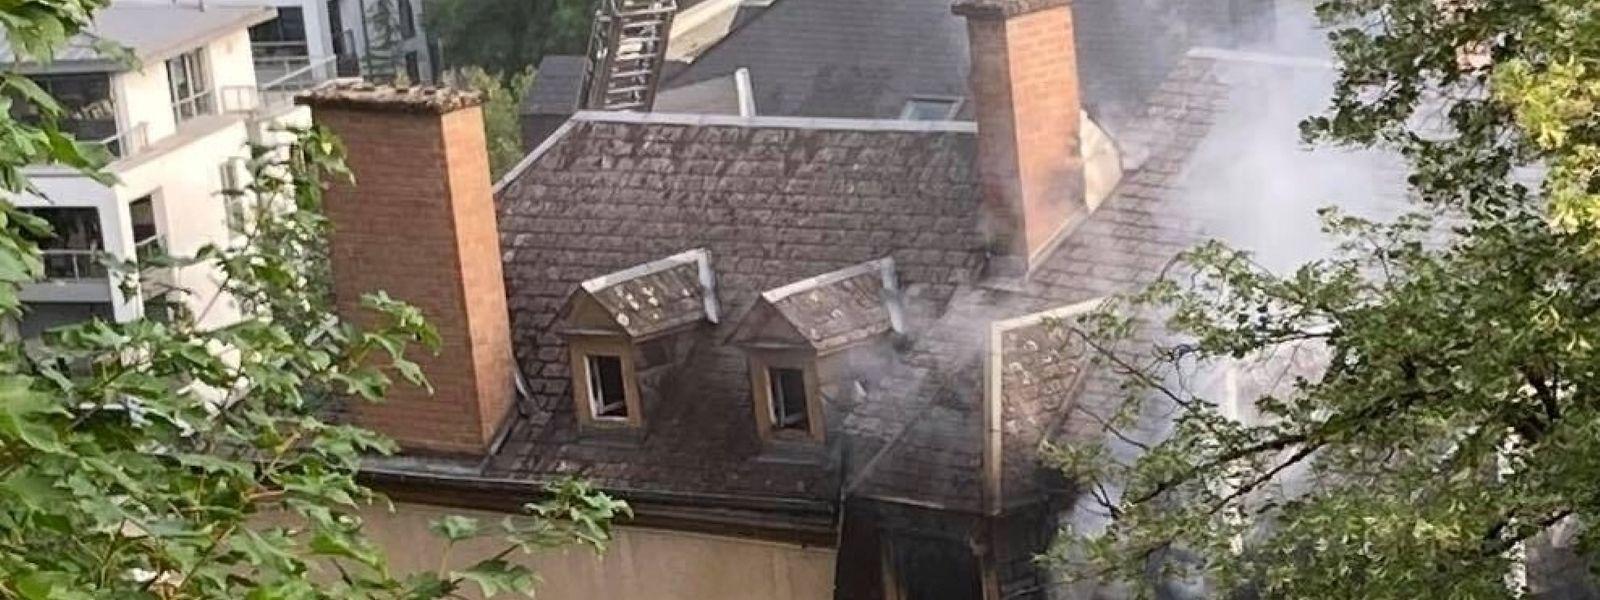 Brand in einem Dachzimmer auf dem Plateau Altmünster.